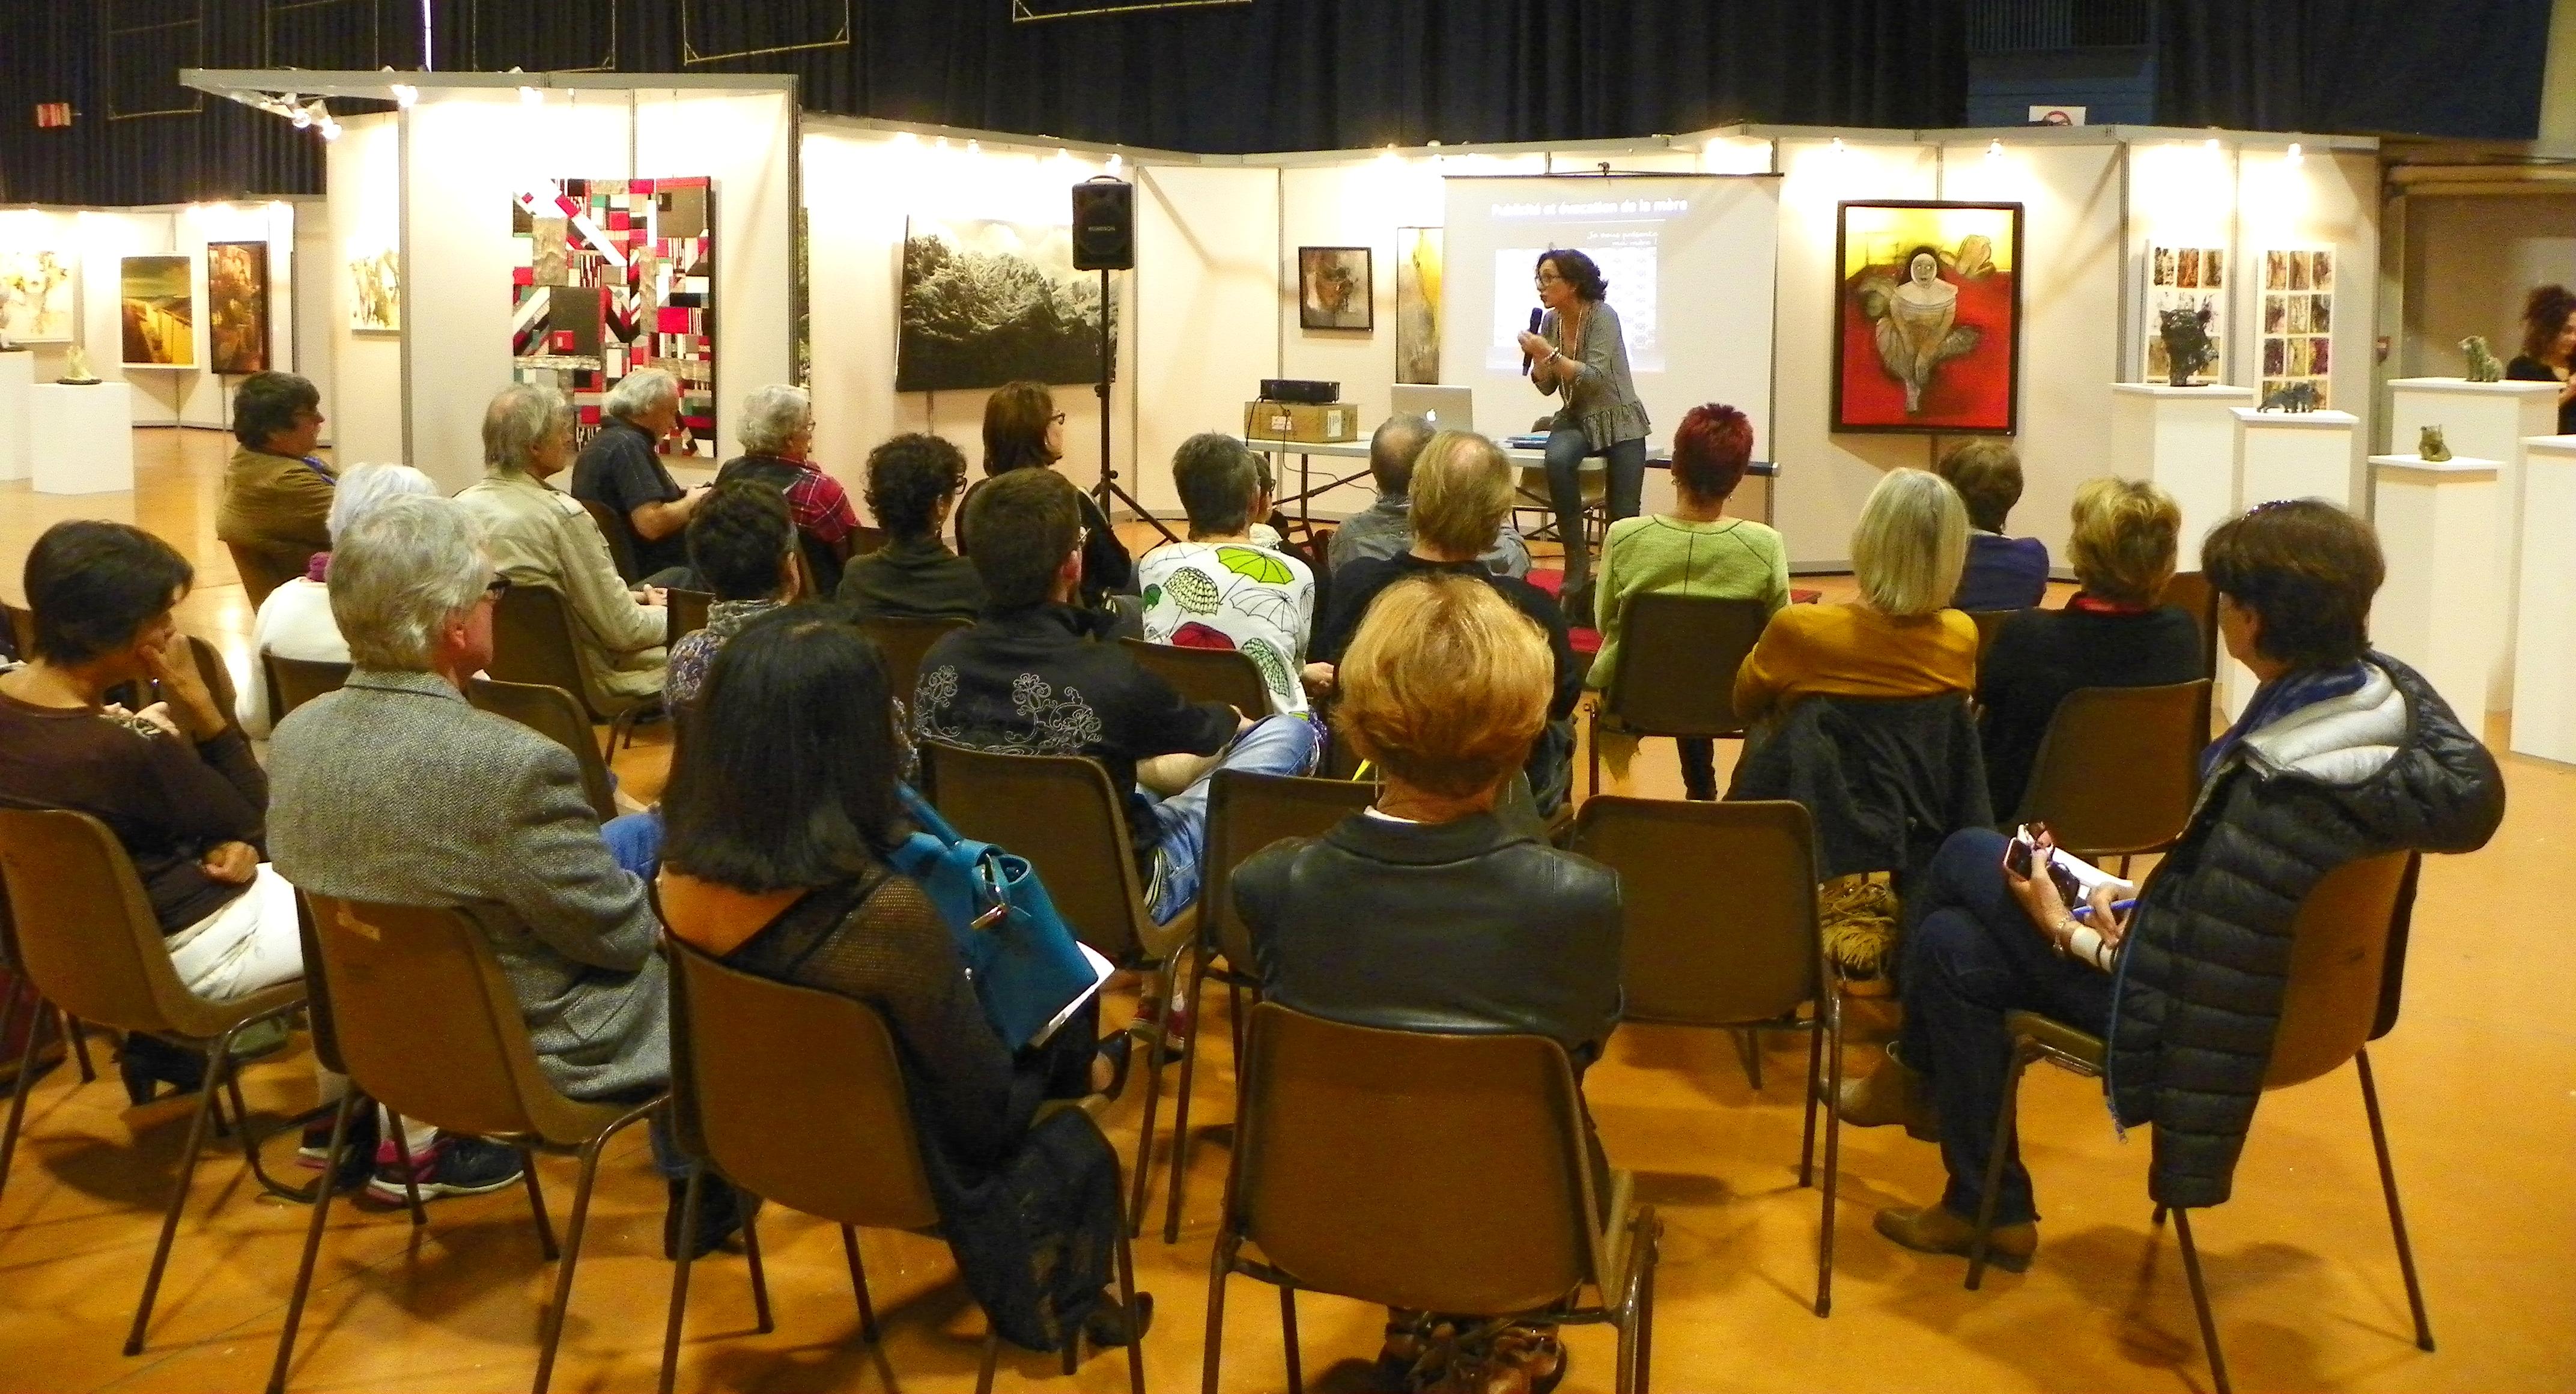 Conférence animée par Cosa Dhers 45ème salon d'automne de Colomiers